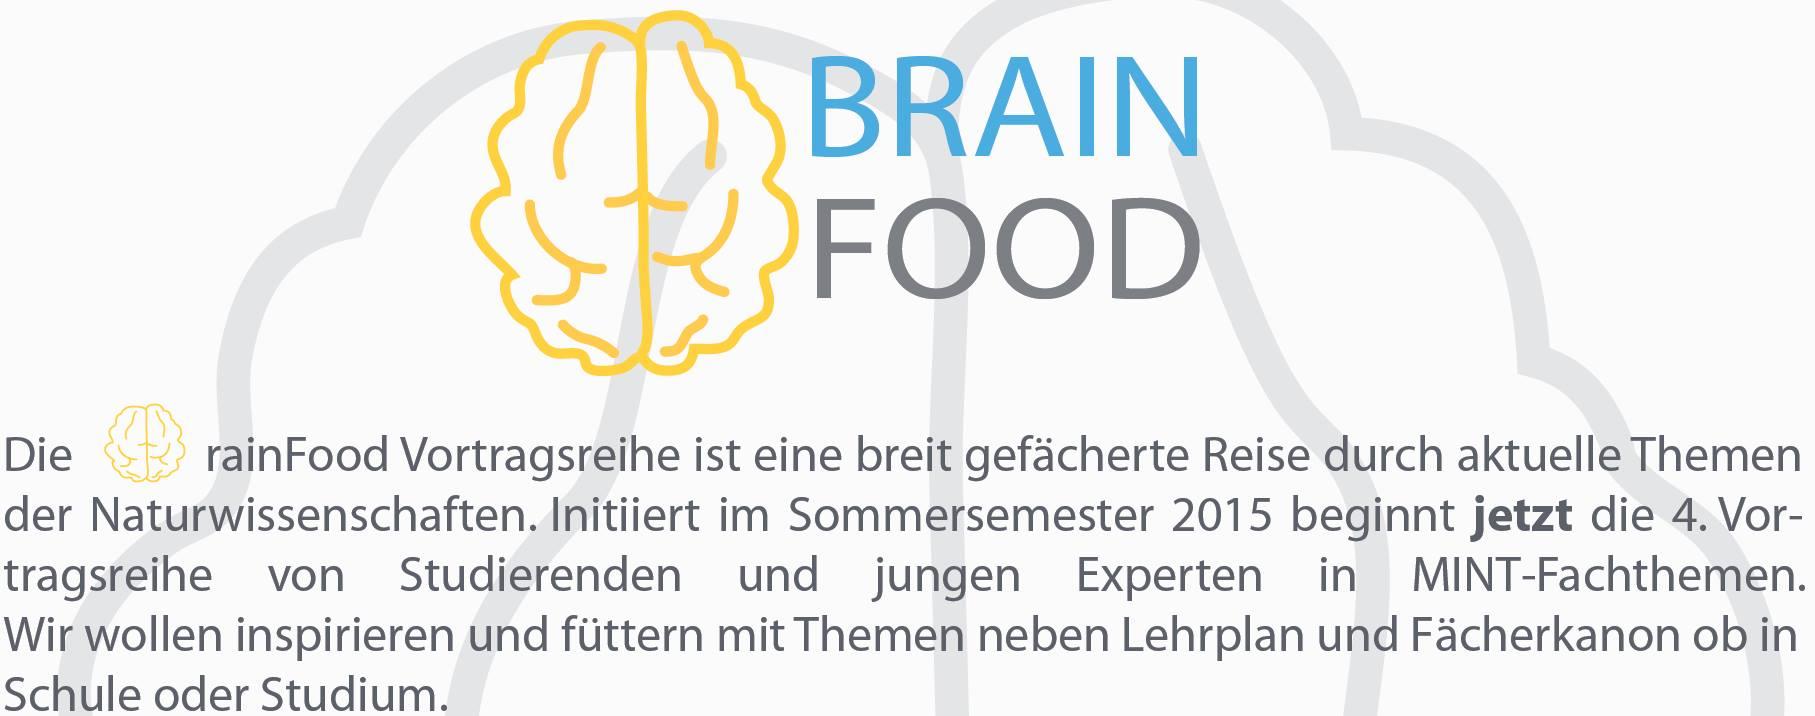 BrainFood – eine breit gefächerte Reise durch aktuelle Themen der Naturwissenschaften